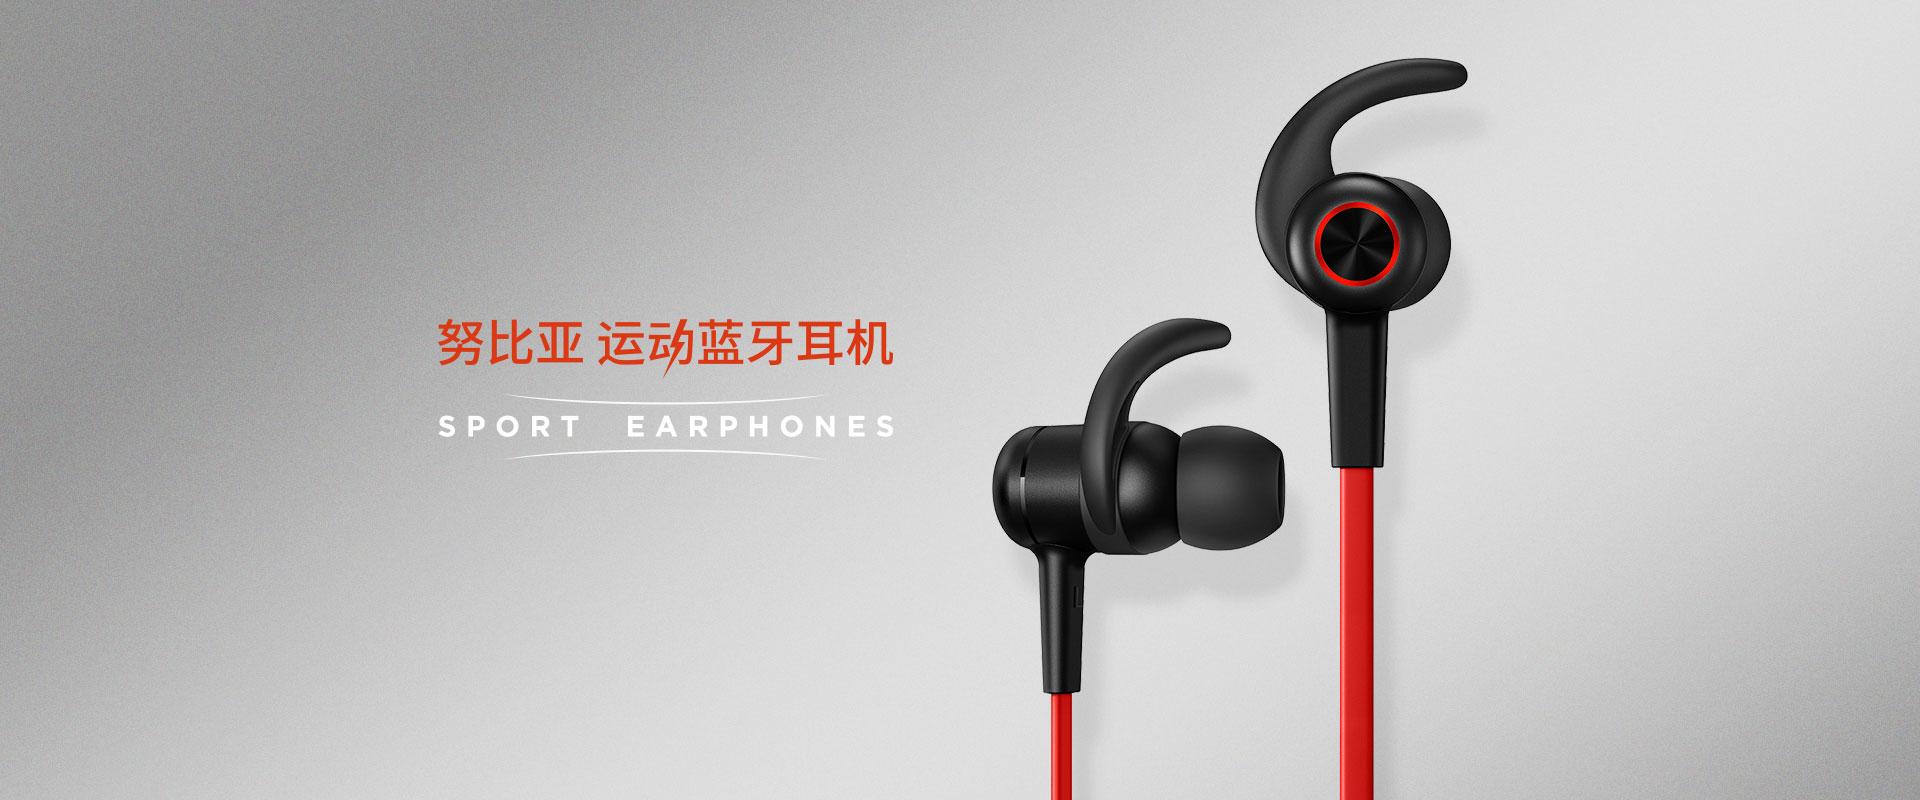 努比亚运动蓝牙耳机